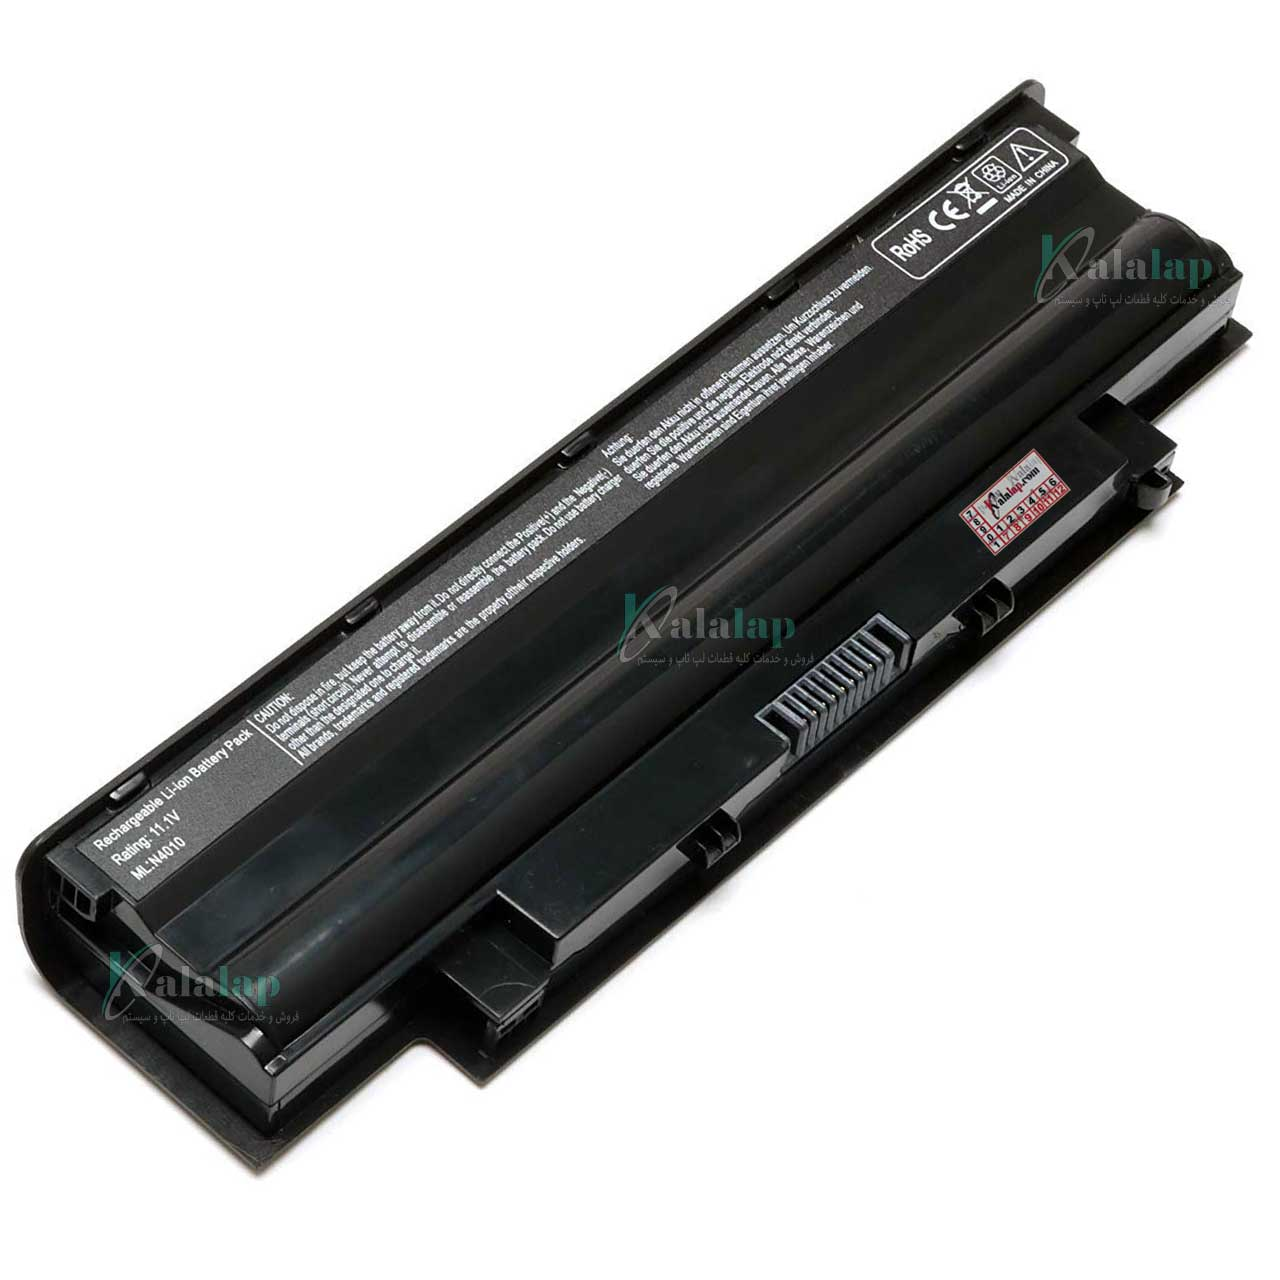 باتری لپ تاپ دل Inspiron 15R 5010 N5010 N5110 5110 J1KND